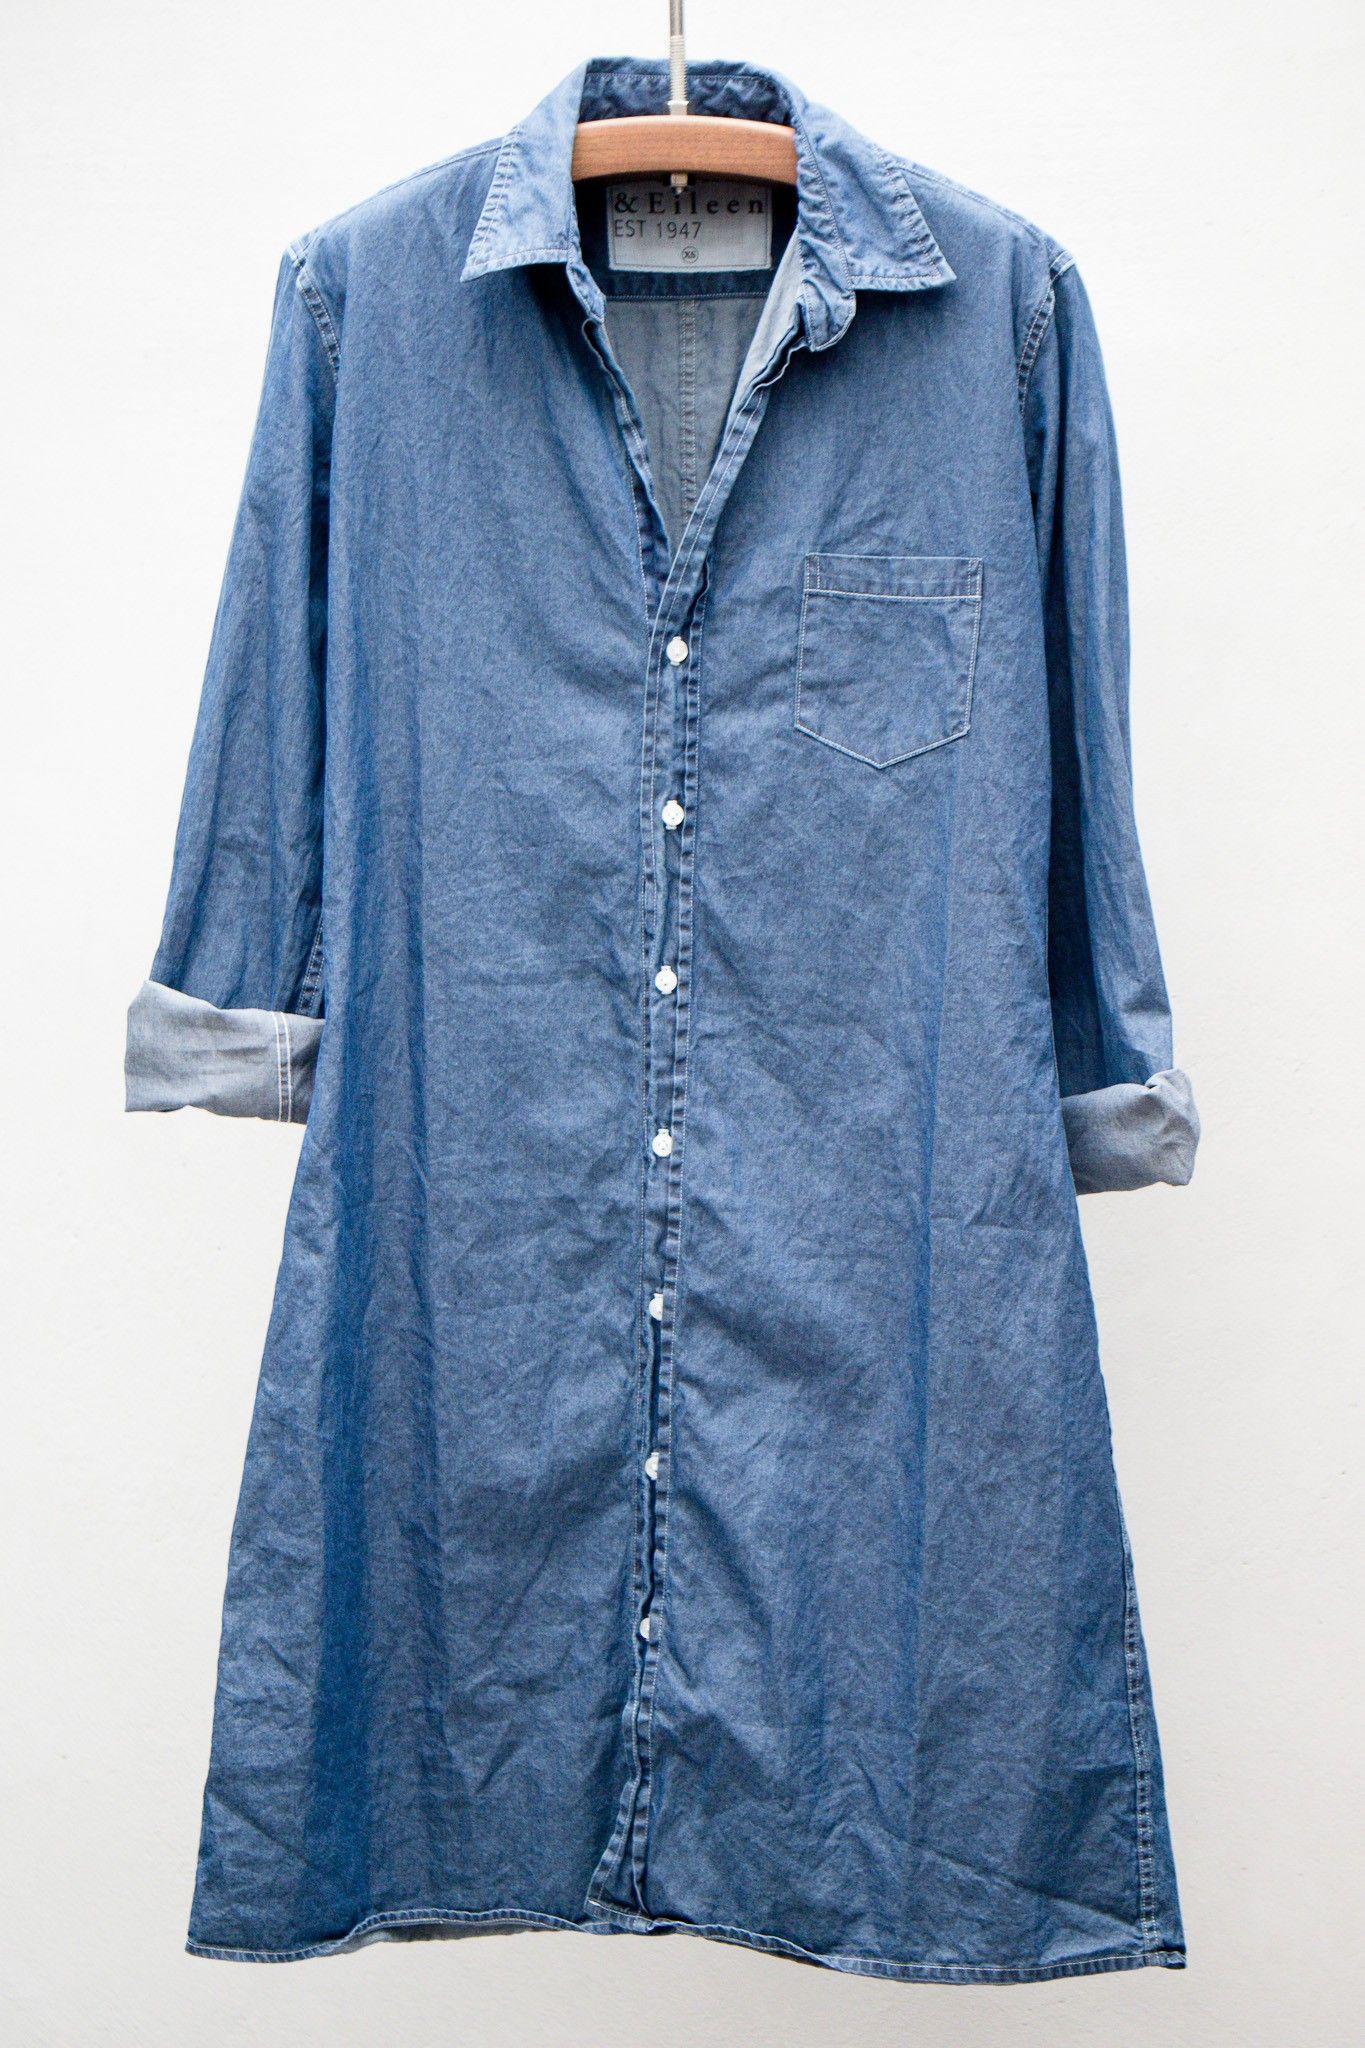 heist - frank & eileen murphy shirt dress - stonewashed indigo cotton